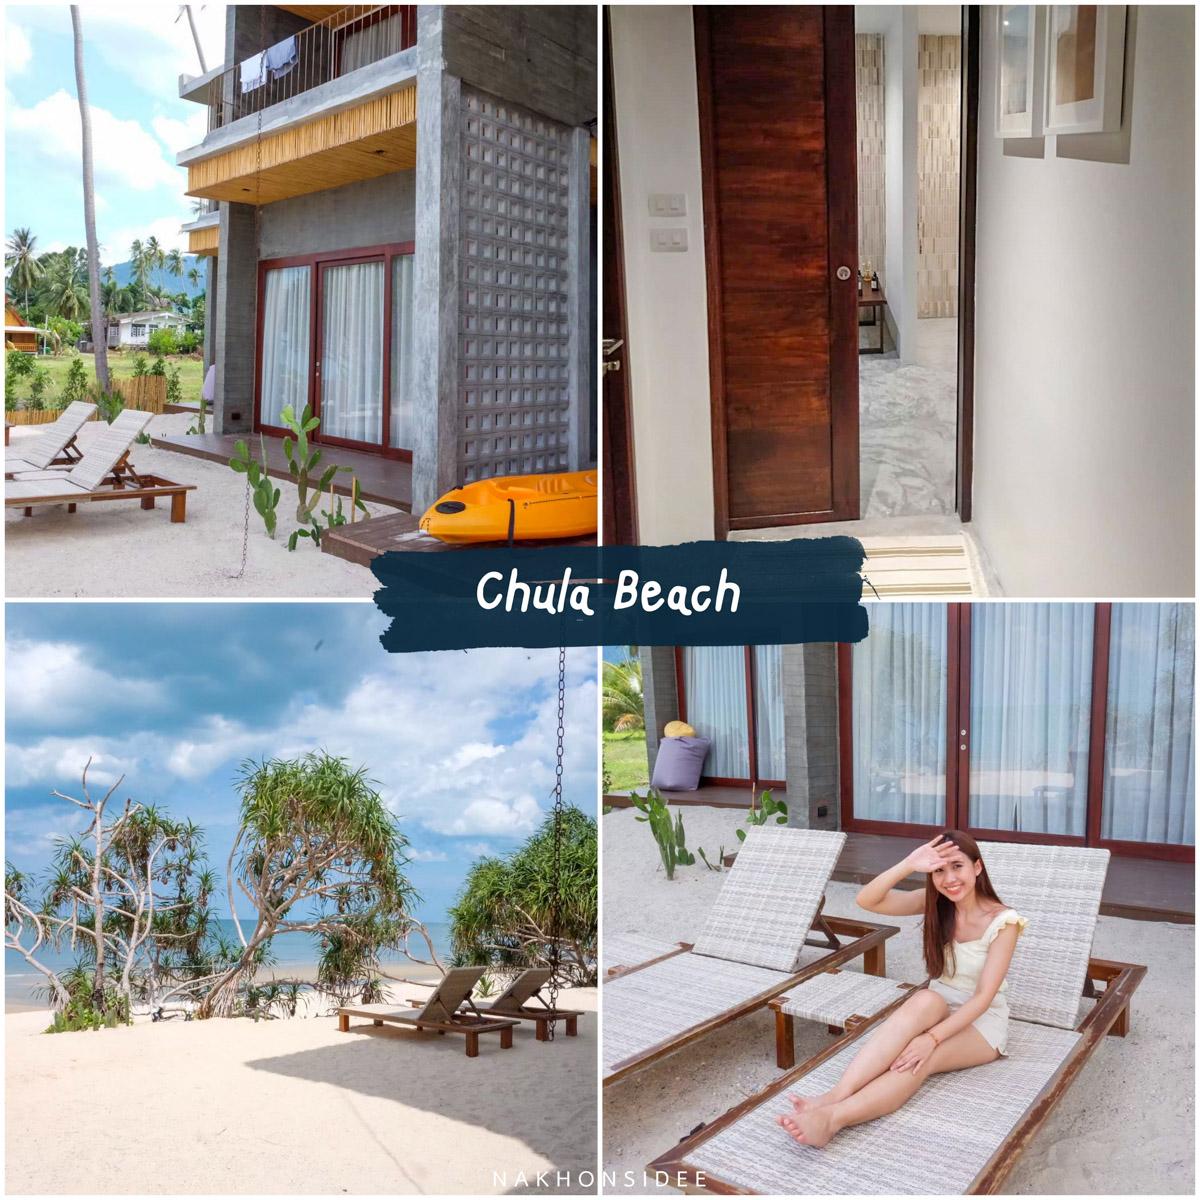 Chula Beach Khanom ที่พักขนอม วิวทะเล ที่สุดแห่งการพักผ่อน